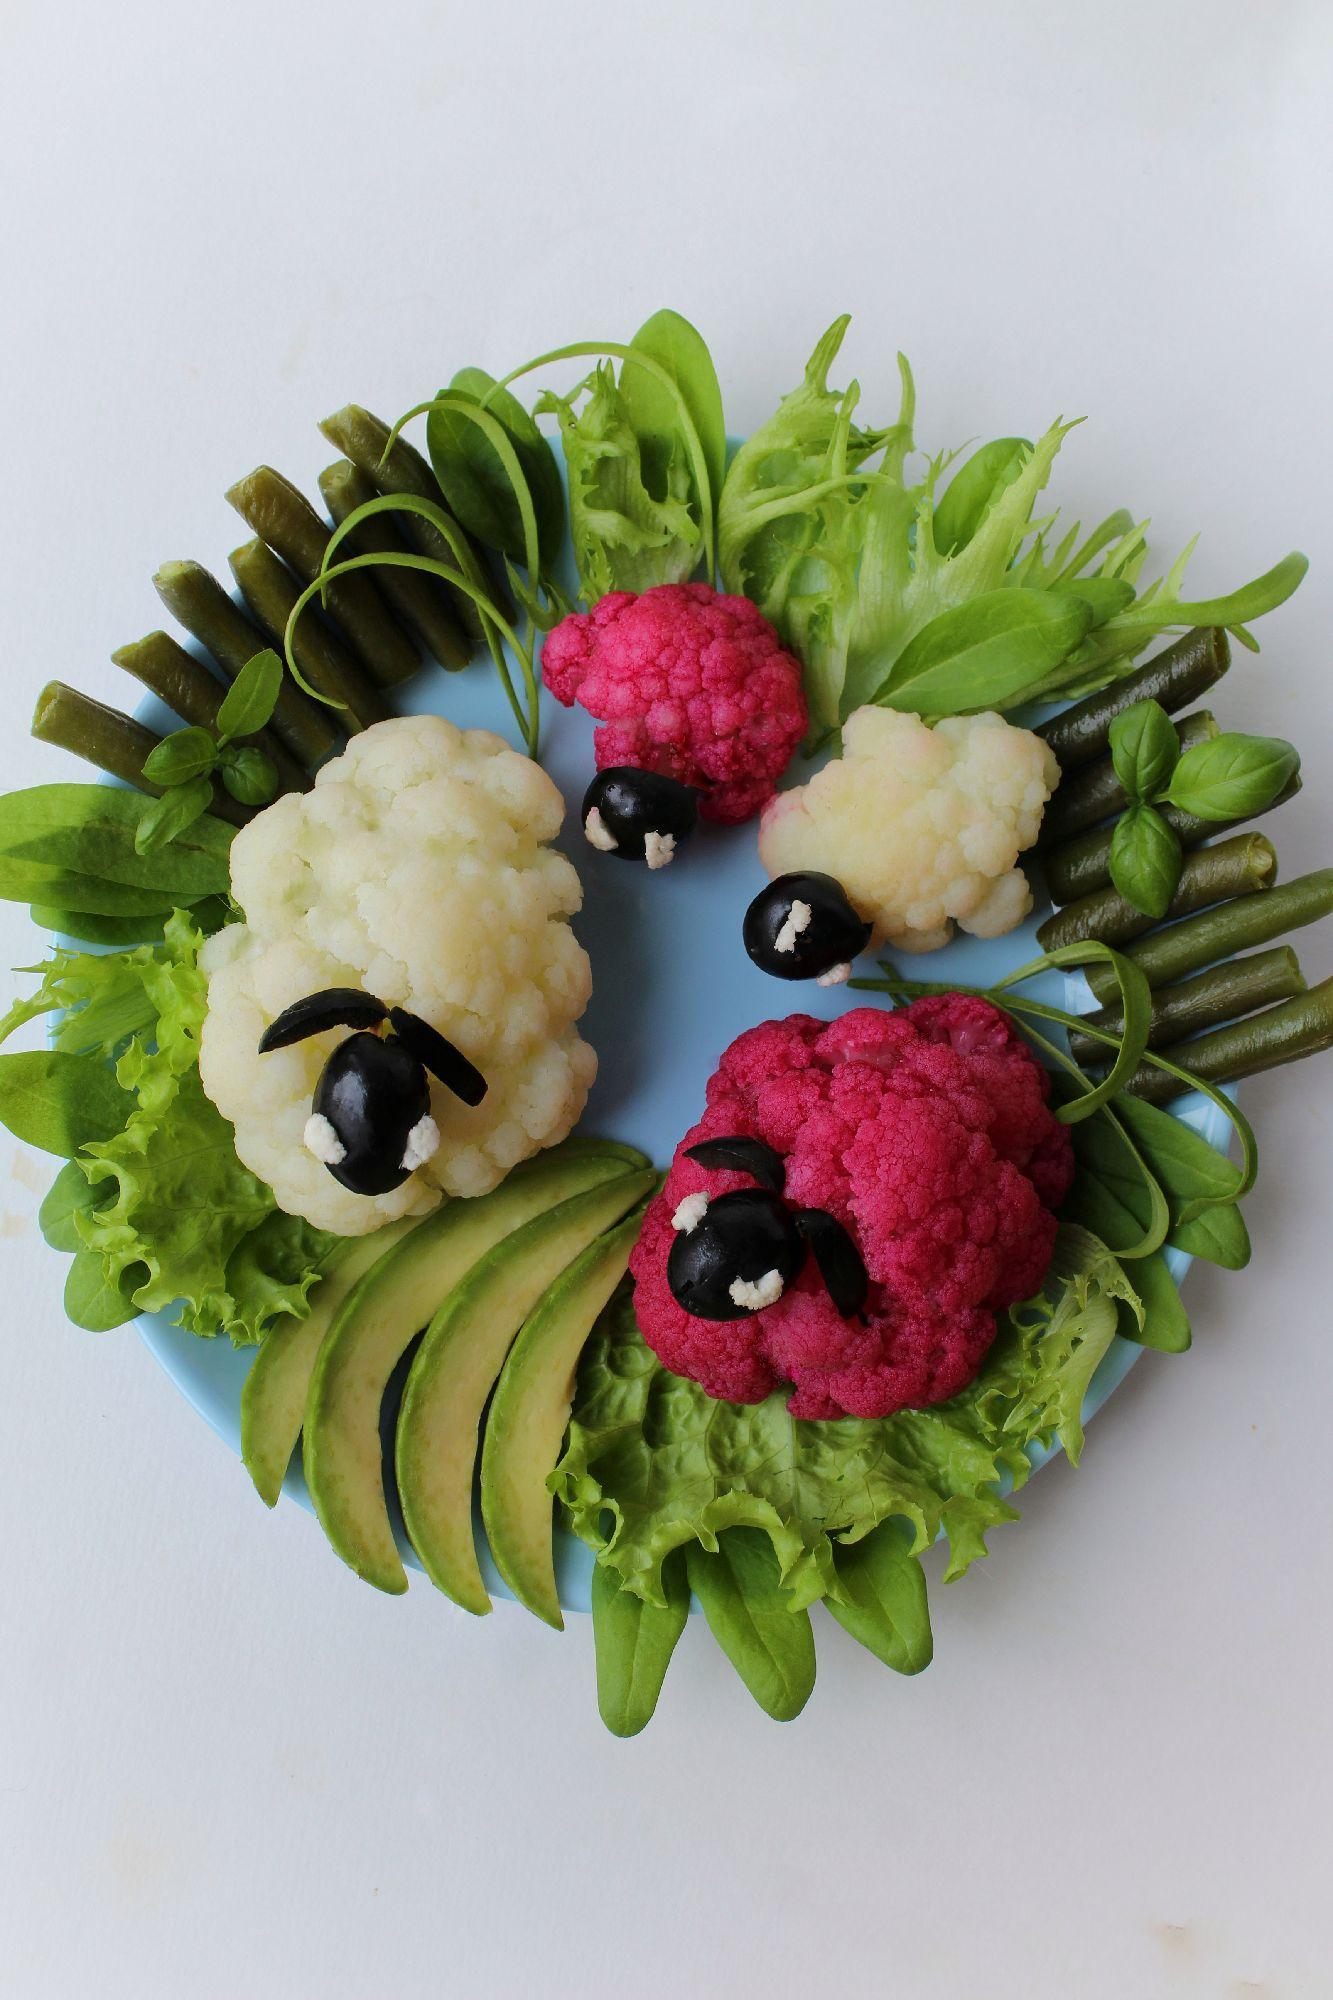 Пусть каждый день прием пищи будет праздником и даже простые продукты всегда радуют глаз, веселят и вызывают улыбку.  #вкусныйавгуст, #длядетей, #овощи, #вегетарианство, #ужин, #рецепты, #полезноепитание, #барашки